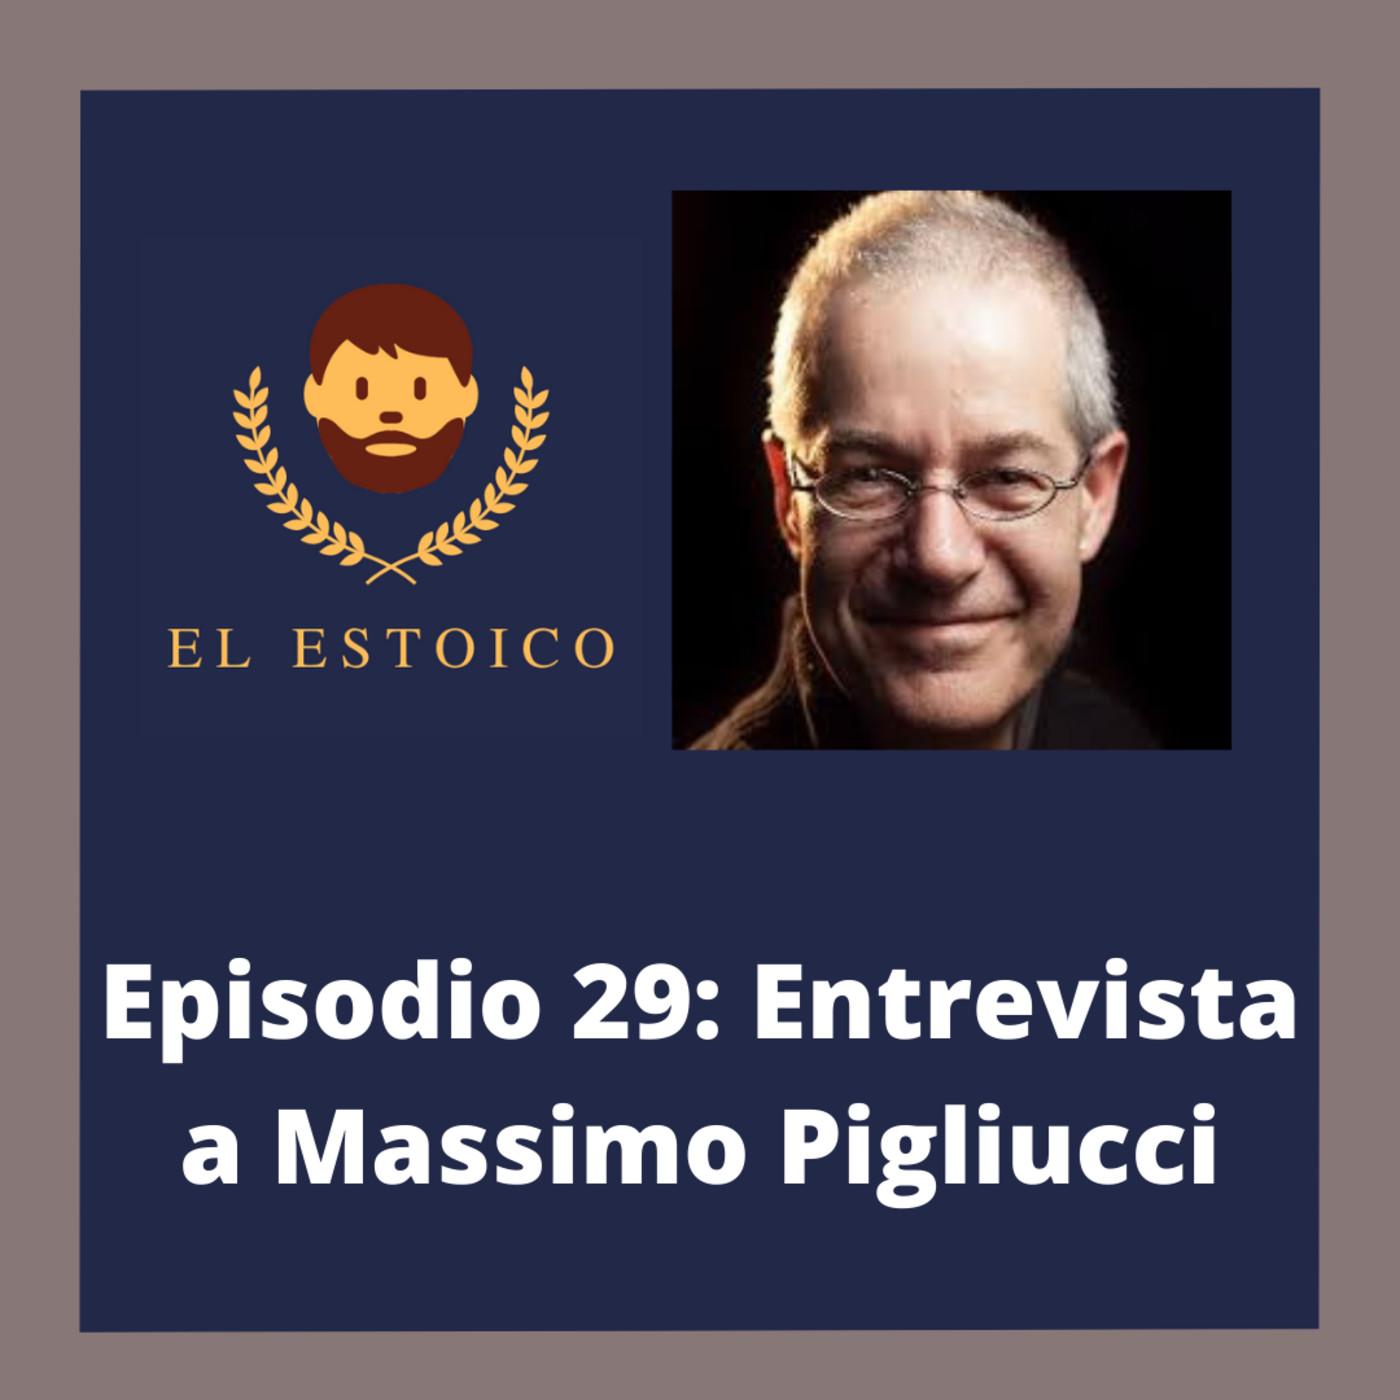 29 Massimo Pigliucci Cómo Ser Un Estoico En El Siglo Xxi En El Estoico Estoicismo En Español En Mp3 21 12 A Las 17 58 02 55 24 62751442 Ivoox